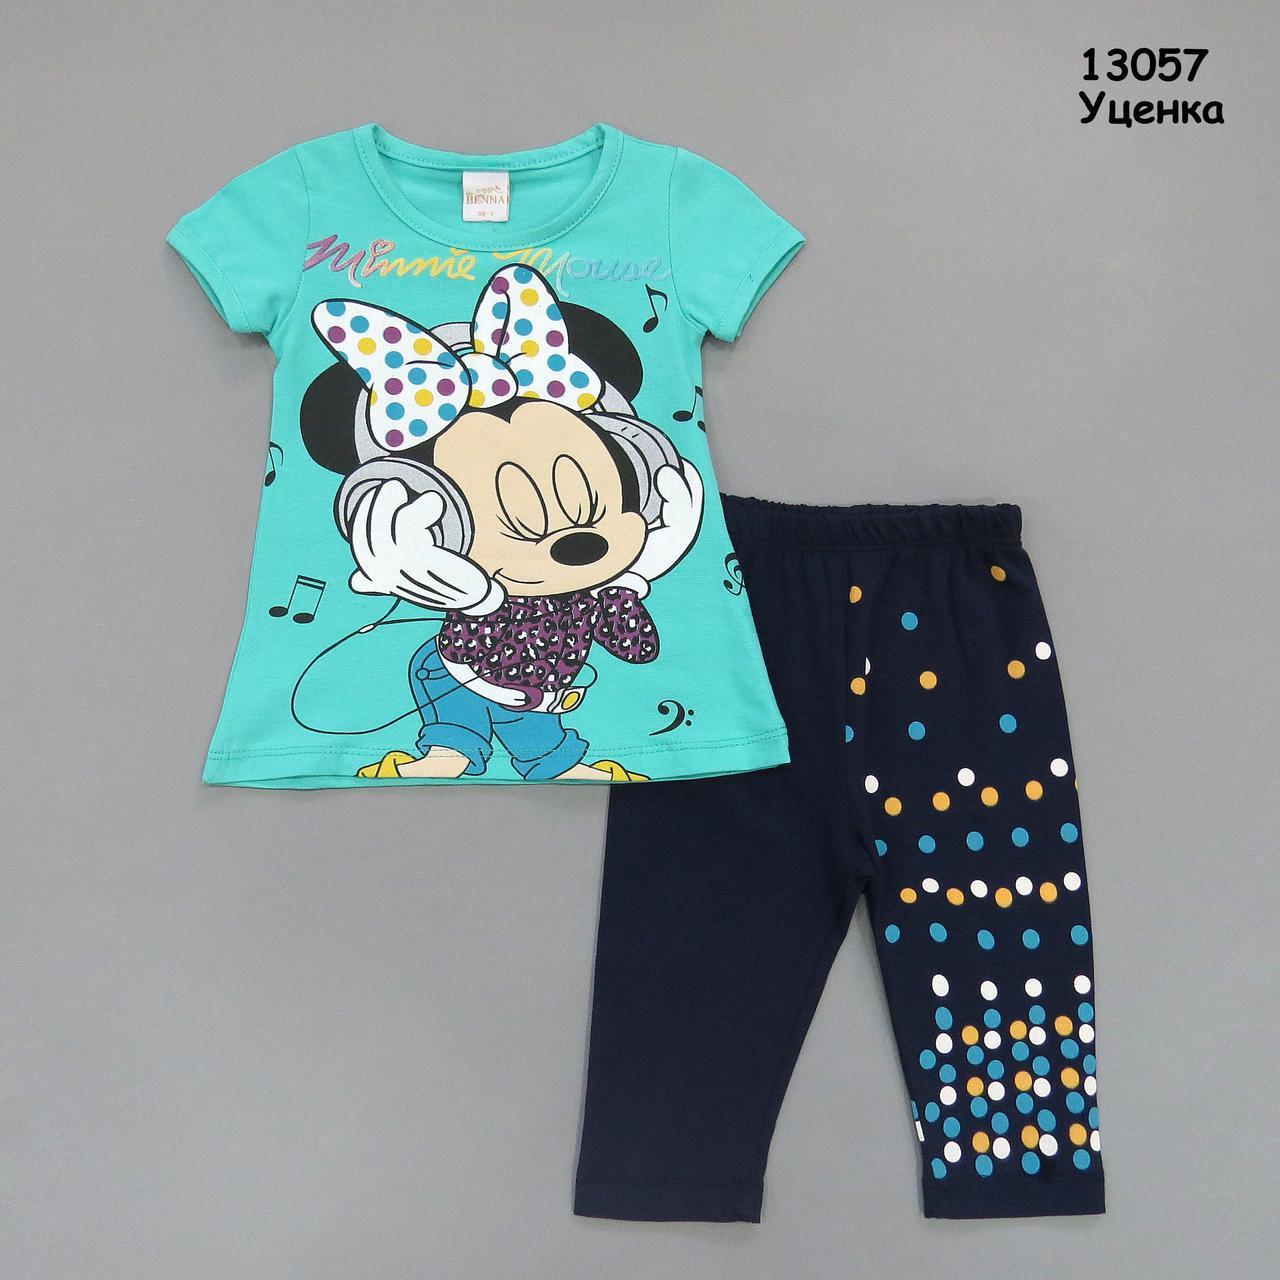 Летний костюм Minnie Mouse для девочки. Маломерит. 116 см